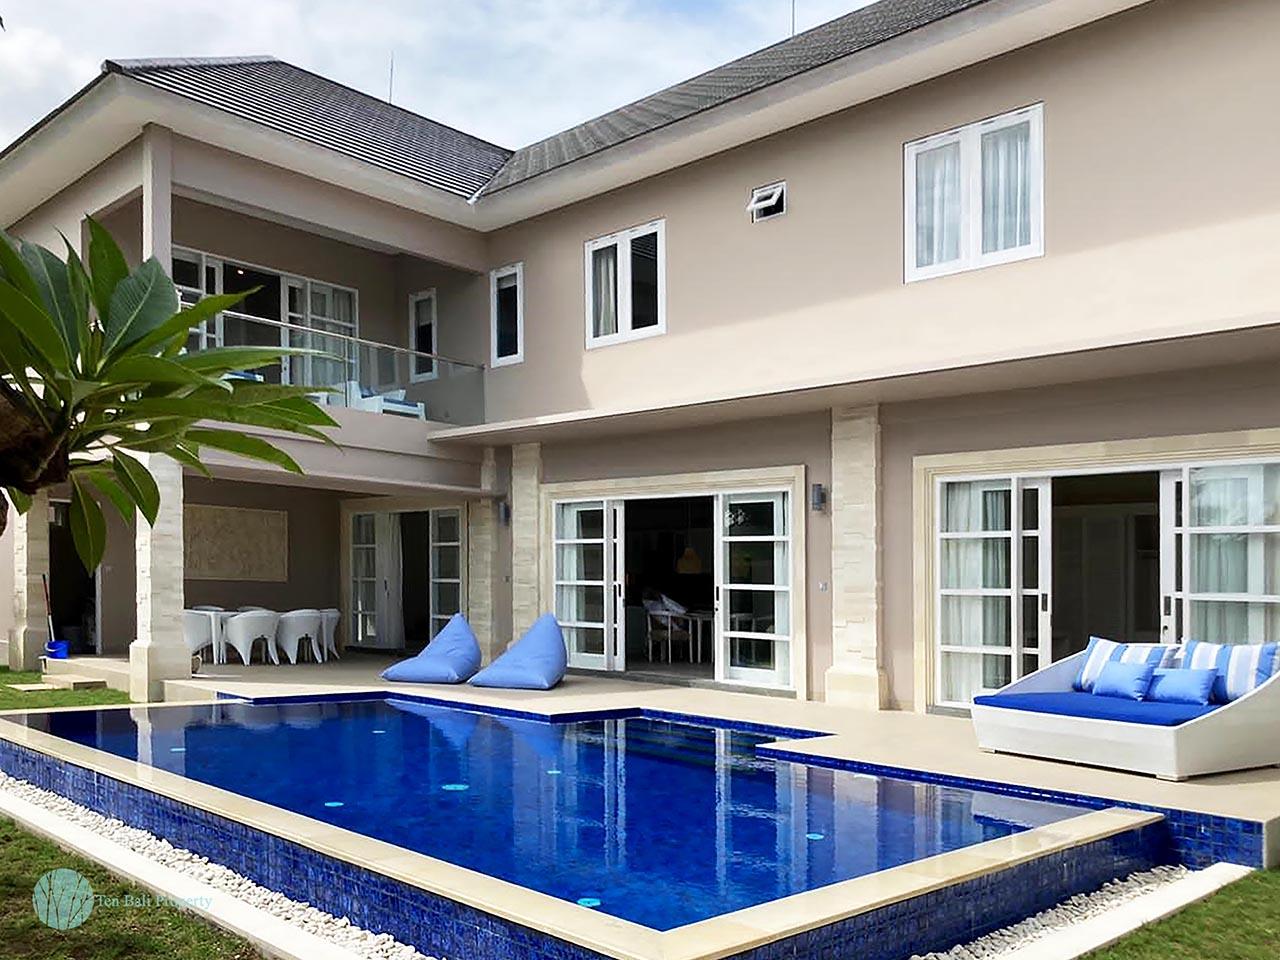 Ten Bali Property Luxury Villa for Sale TBP-0010 Karangsari Residence Sanur